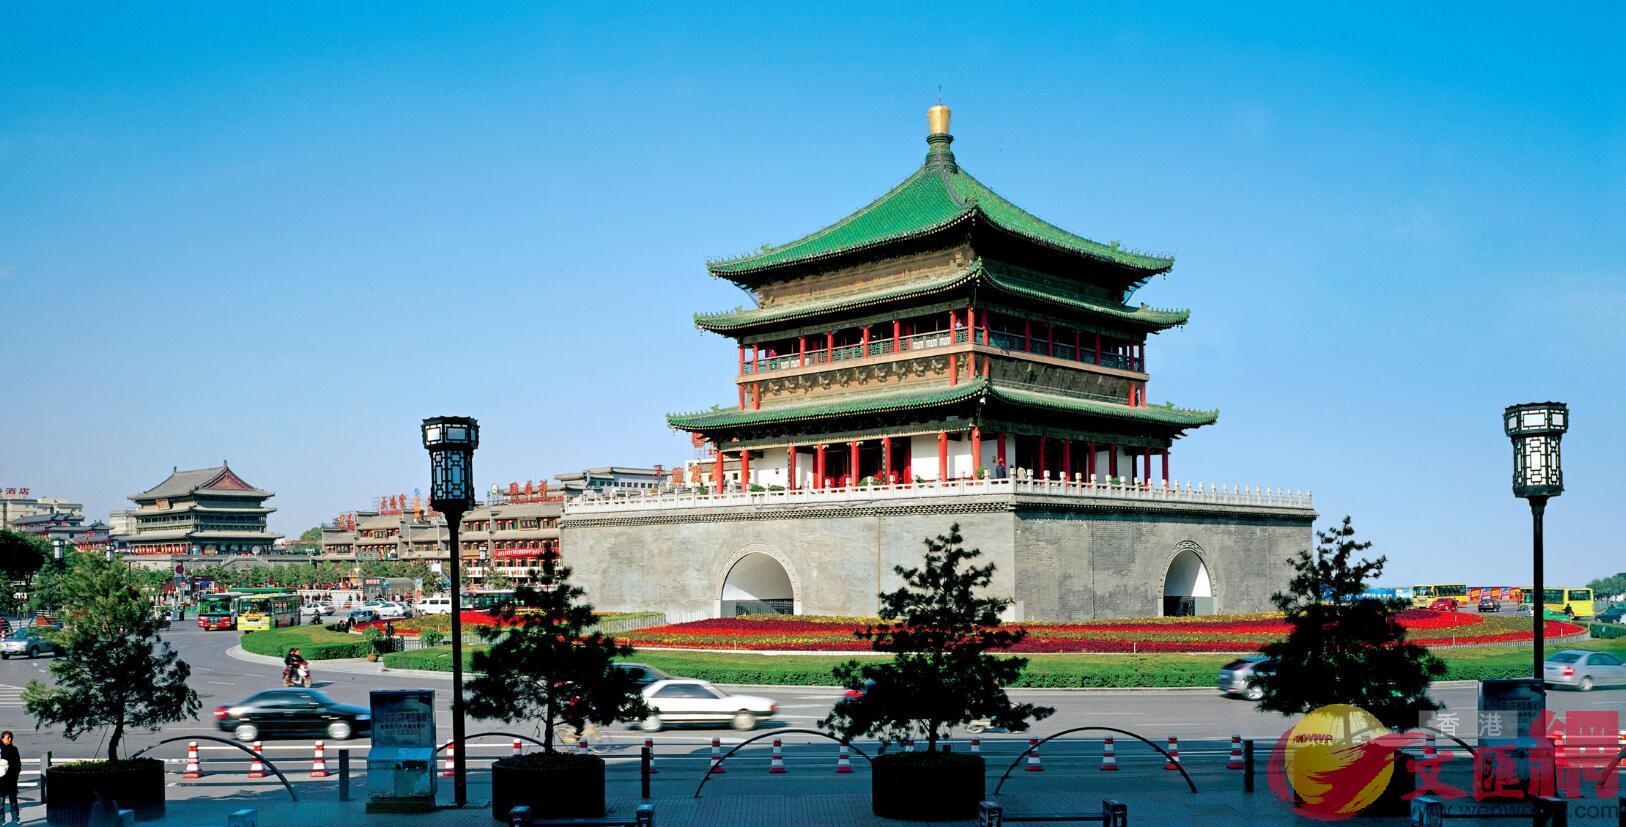 西安是西北唯一的特大城市。